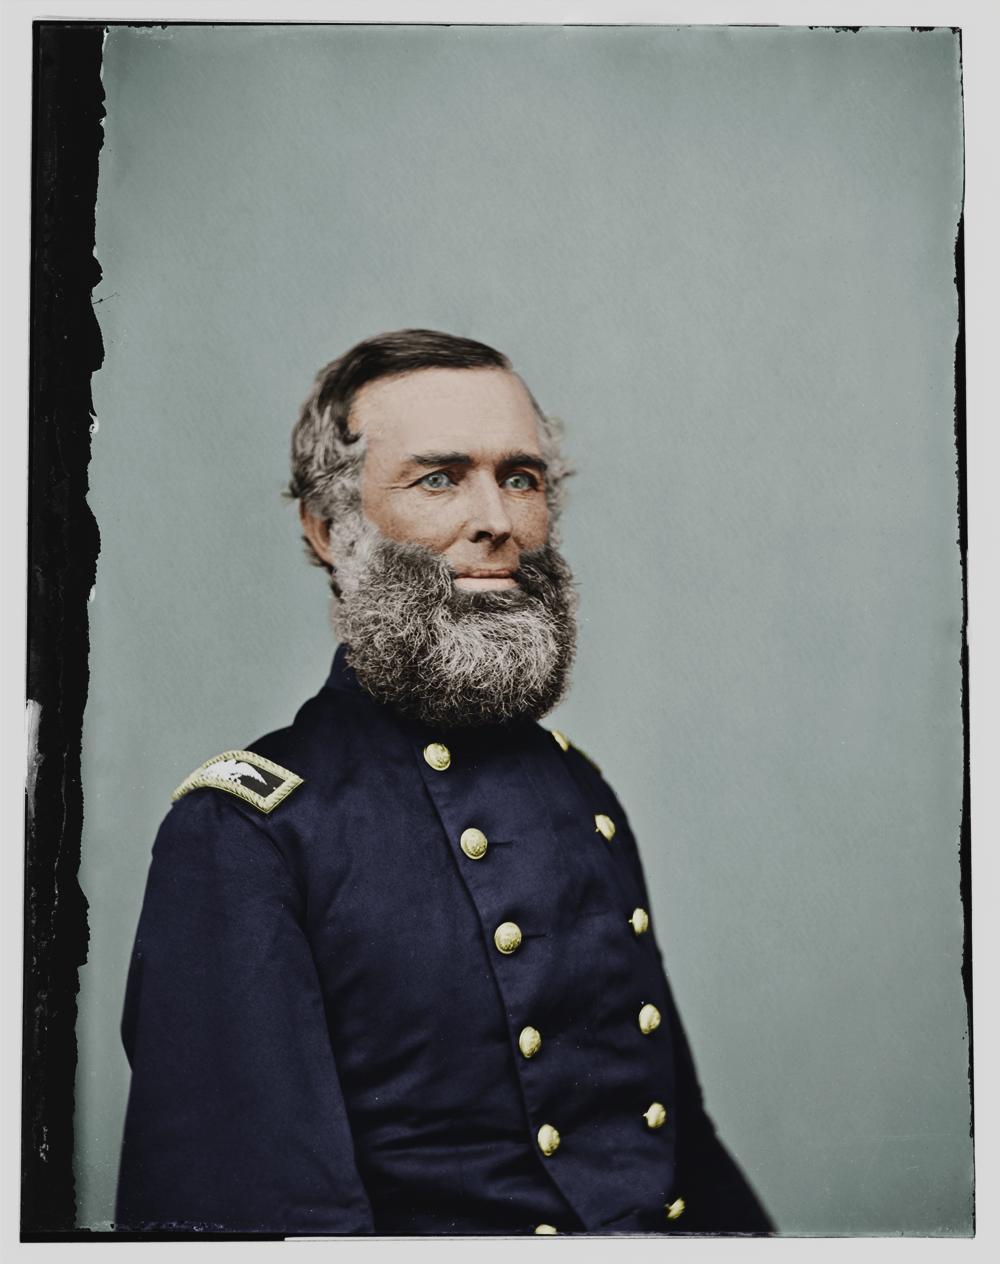 Col. James A. Ekin 01.jpg